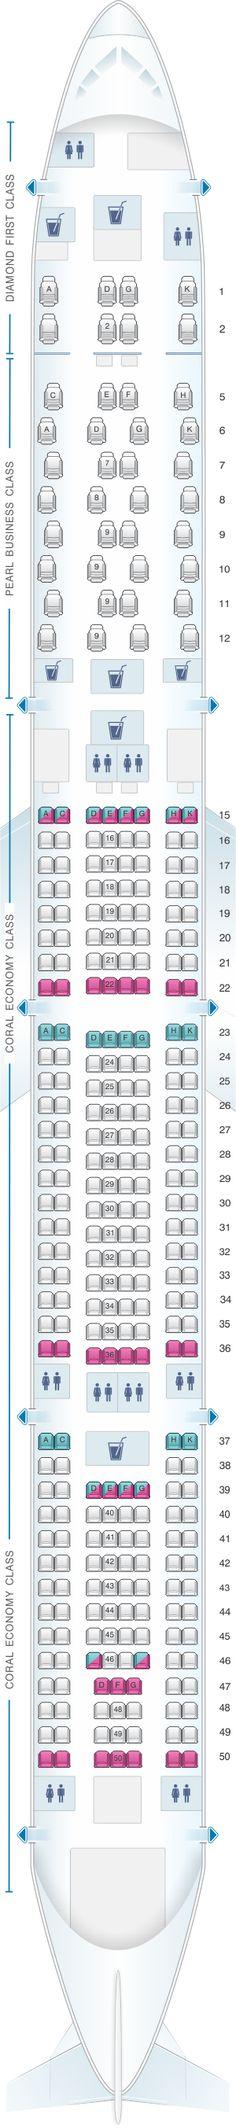 Seat Map Etihad Airways Airbus A340 600